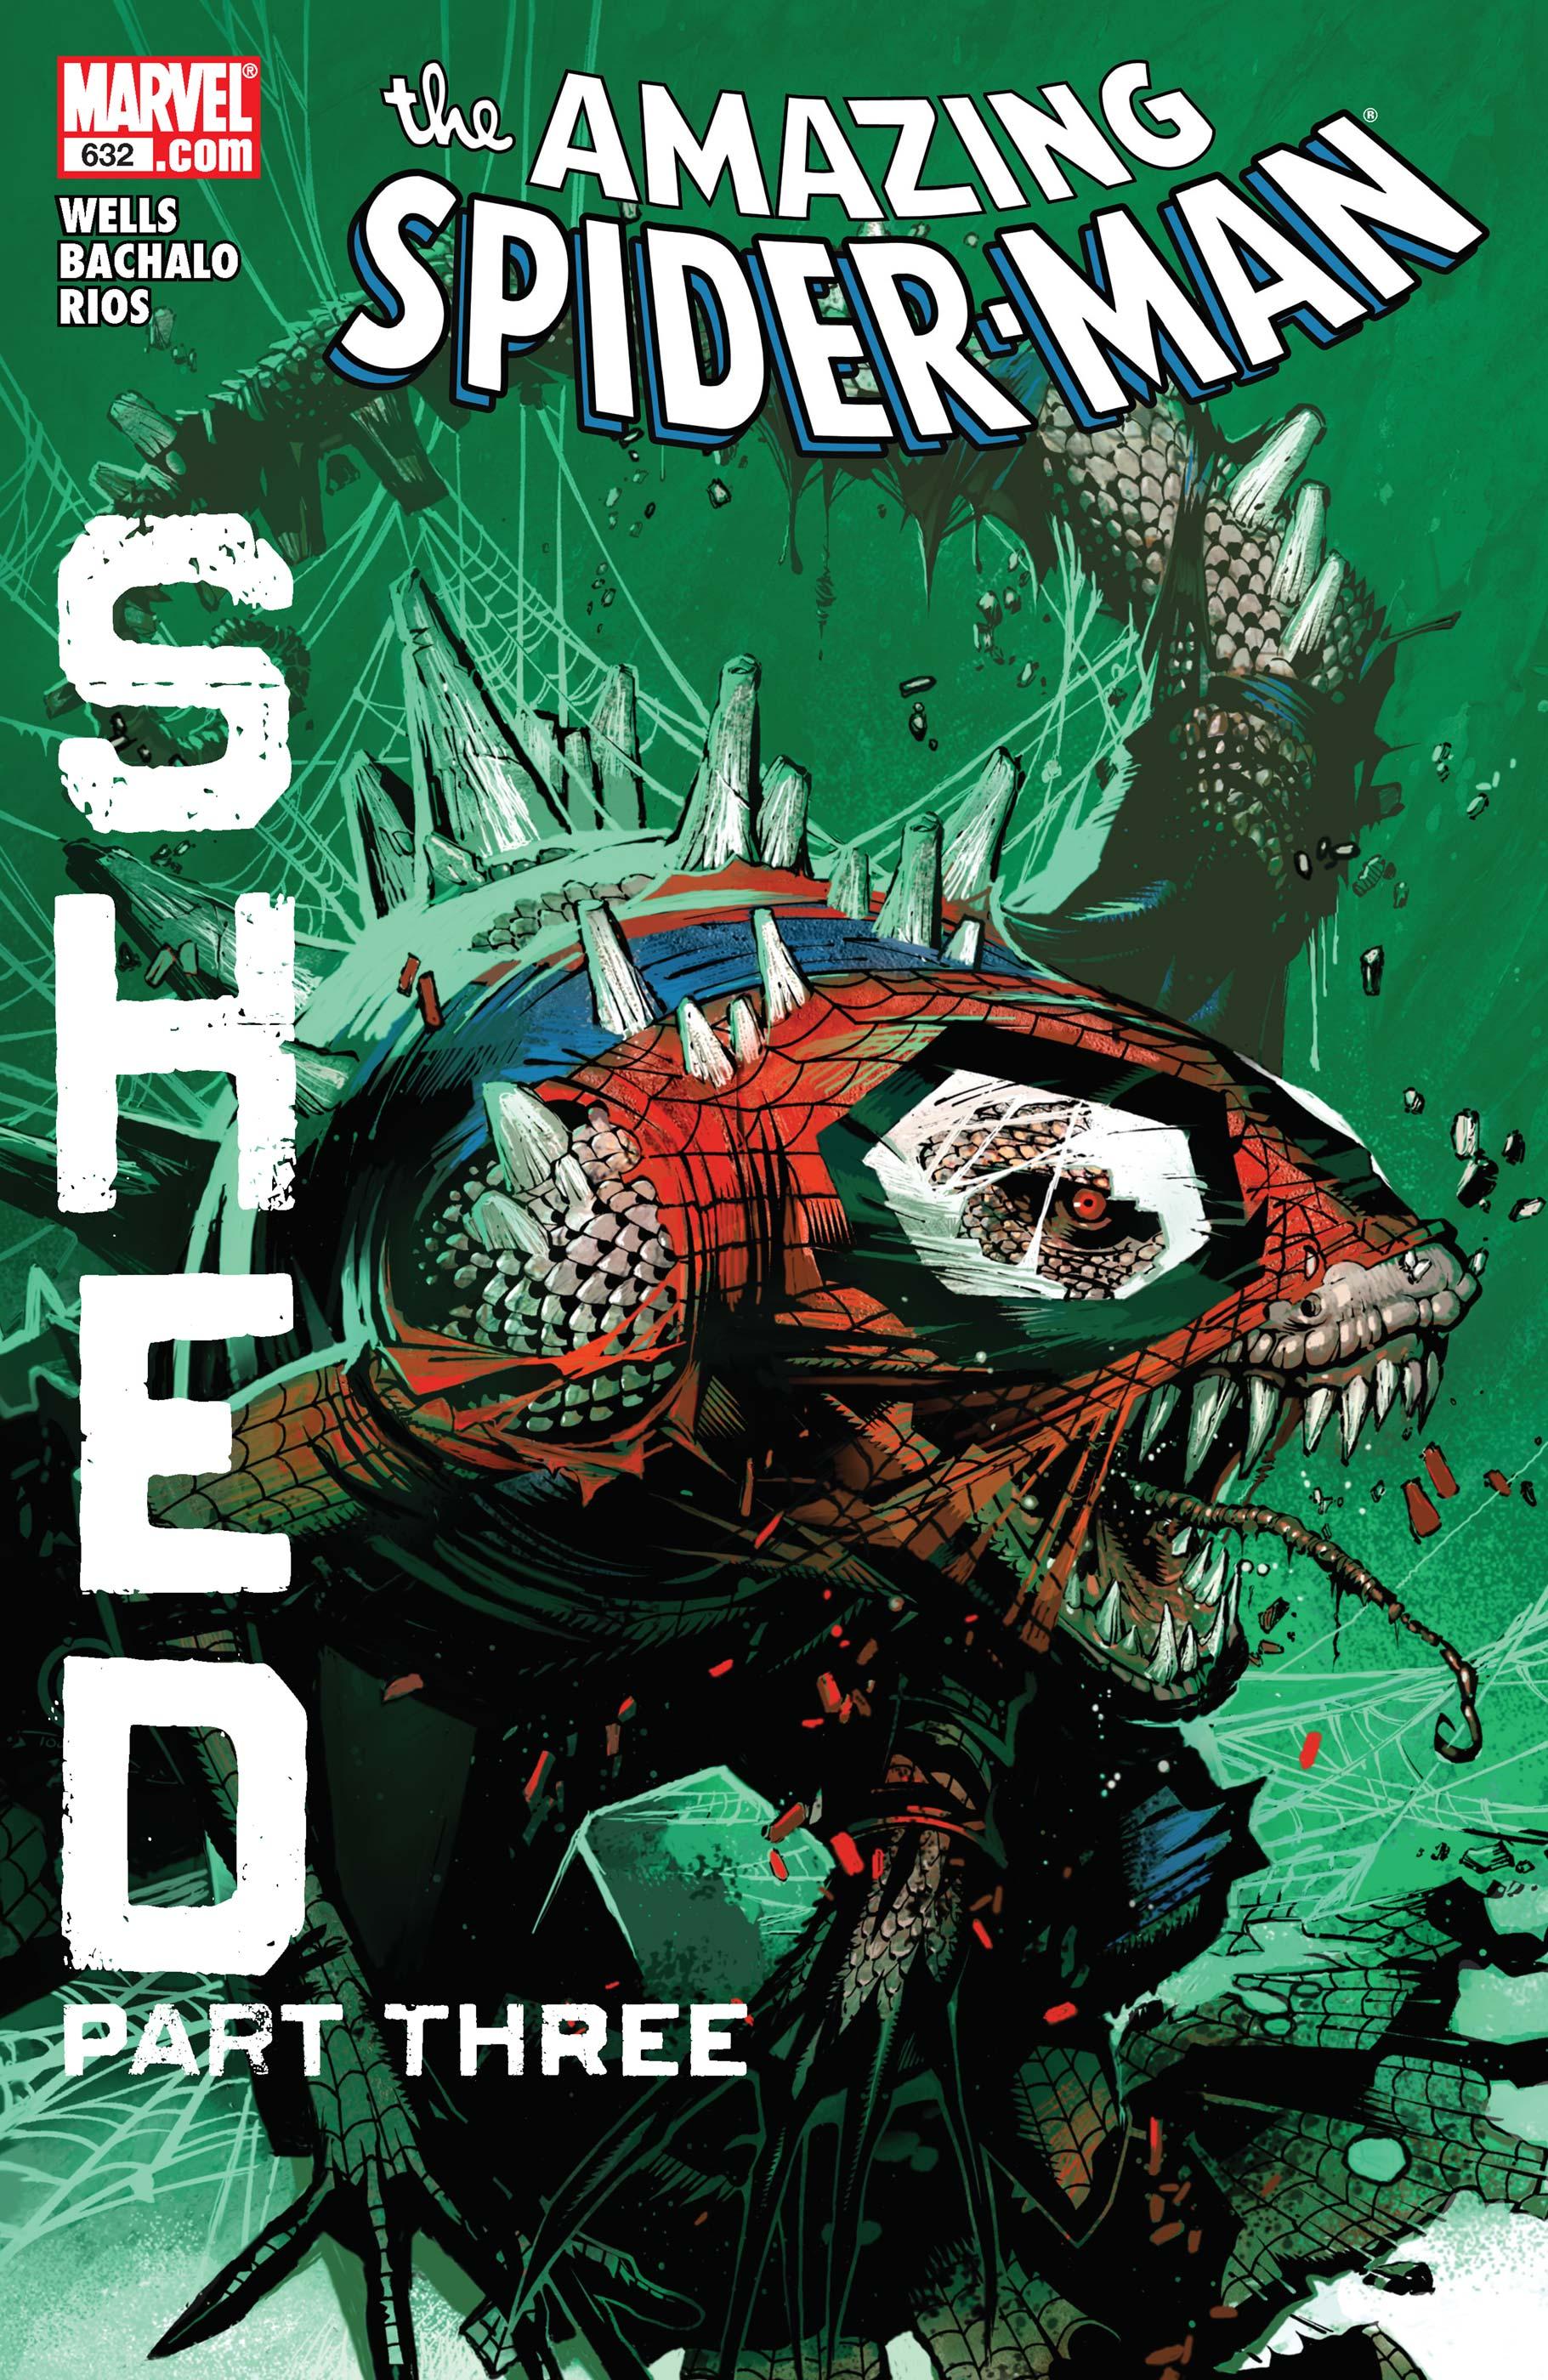 Amazing Spider-Man (1999) #632